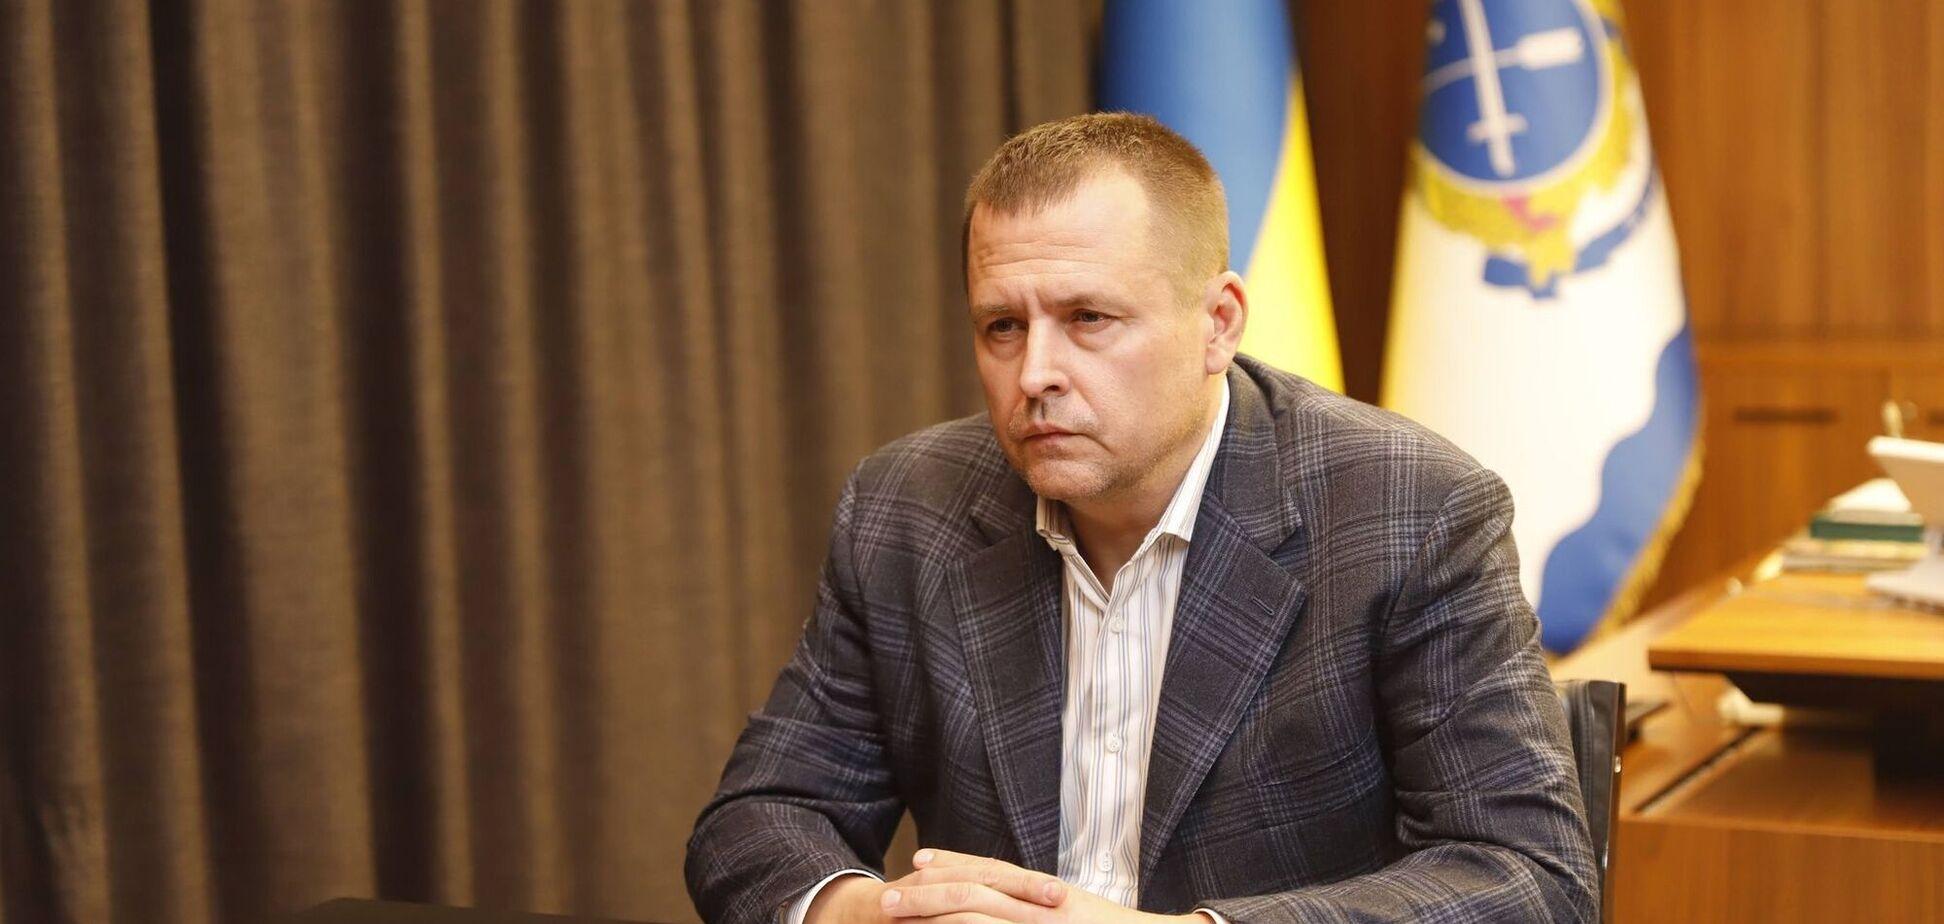 Борис Філатов прокоментував підведення підсумків і підрахунку голосів місцевих виборів